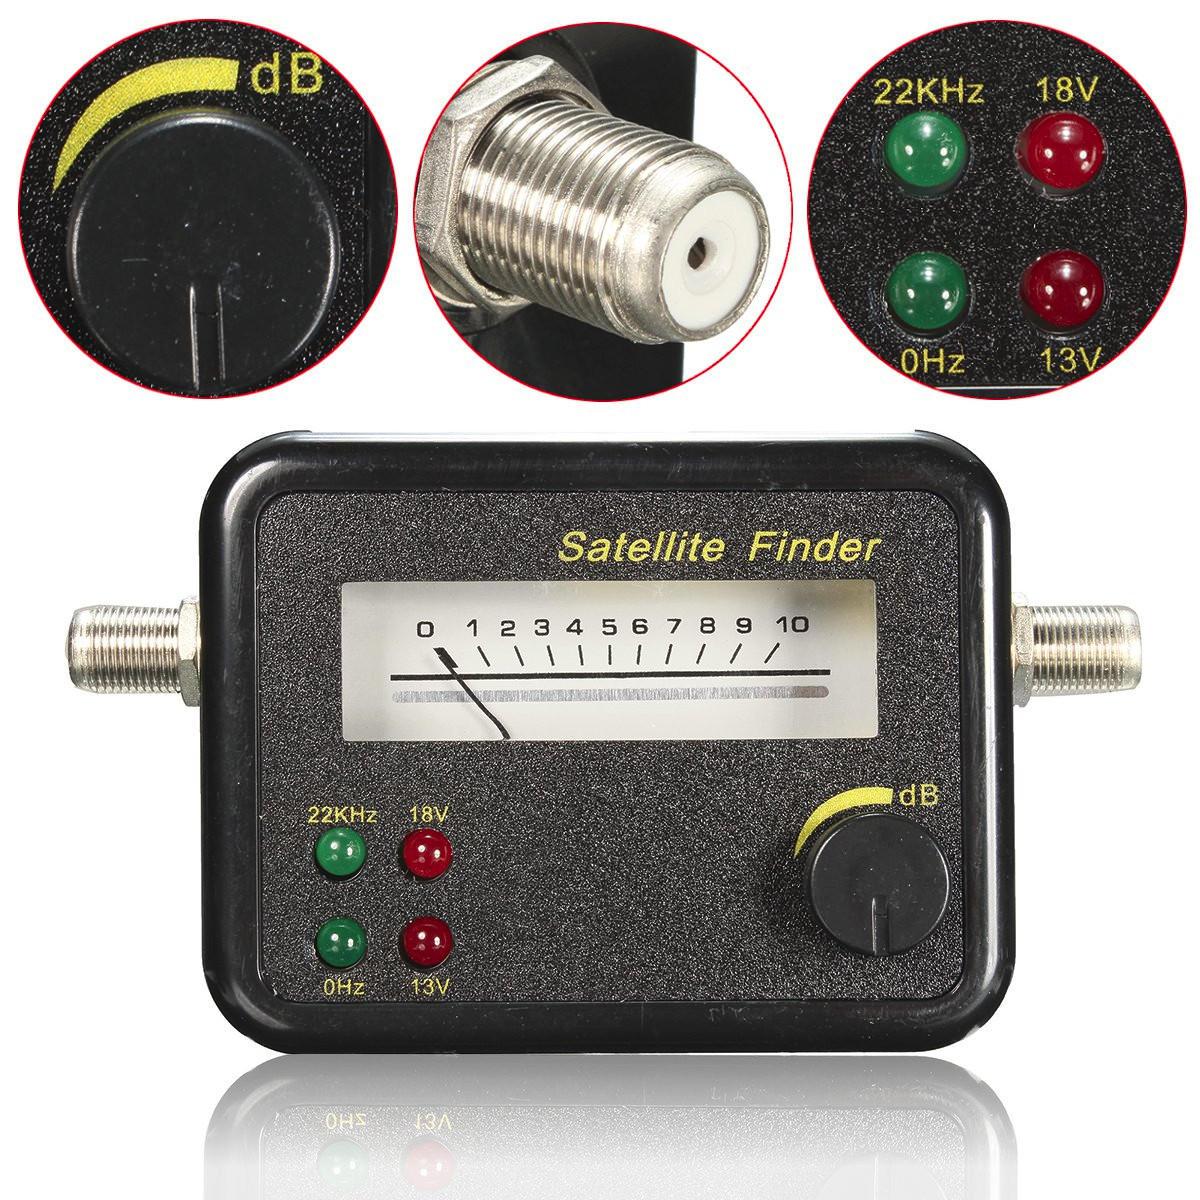 Mini Digita Pantalla LCD Visualizador de señales por satélite Buscador Meter TV Receptor 13-18V